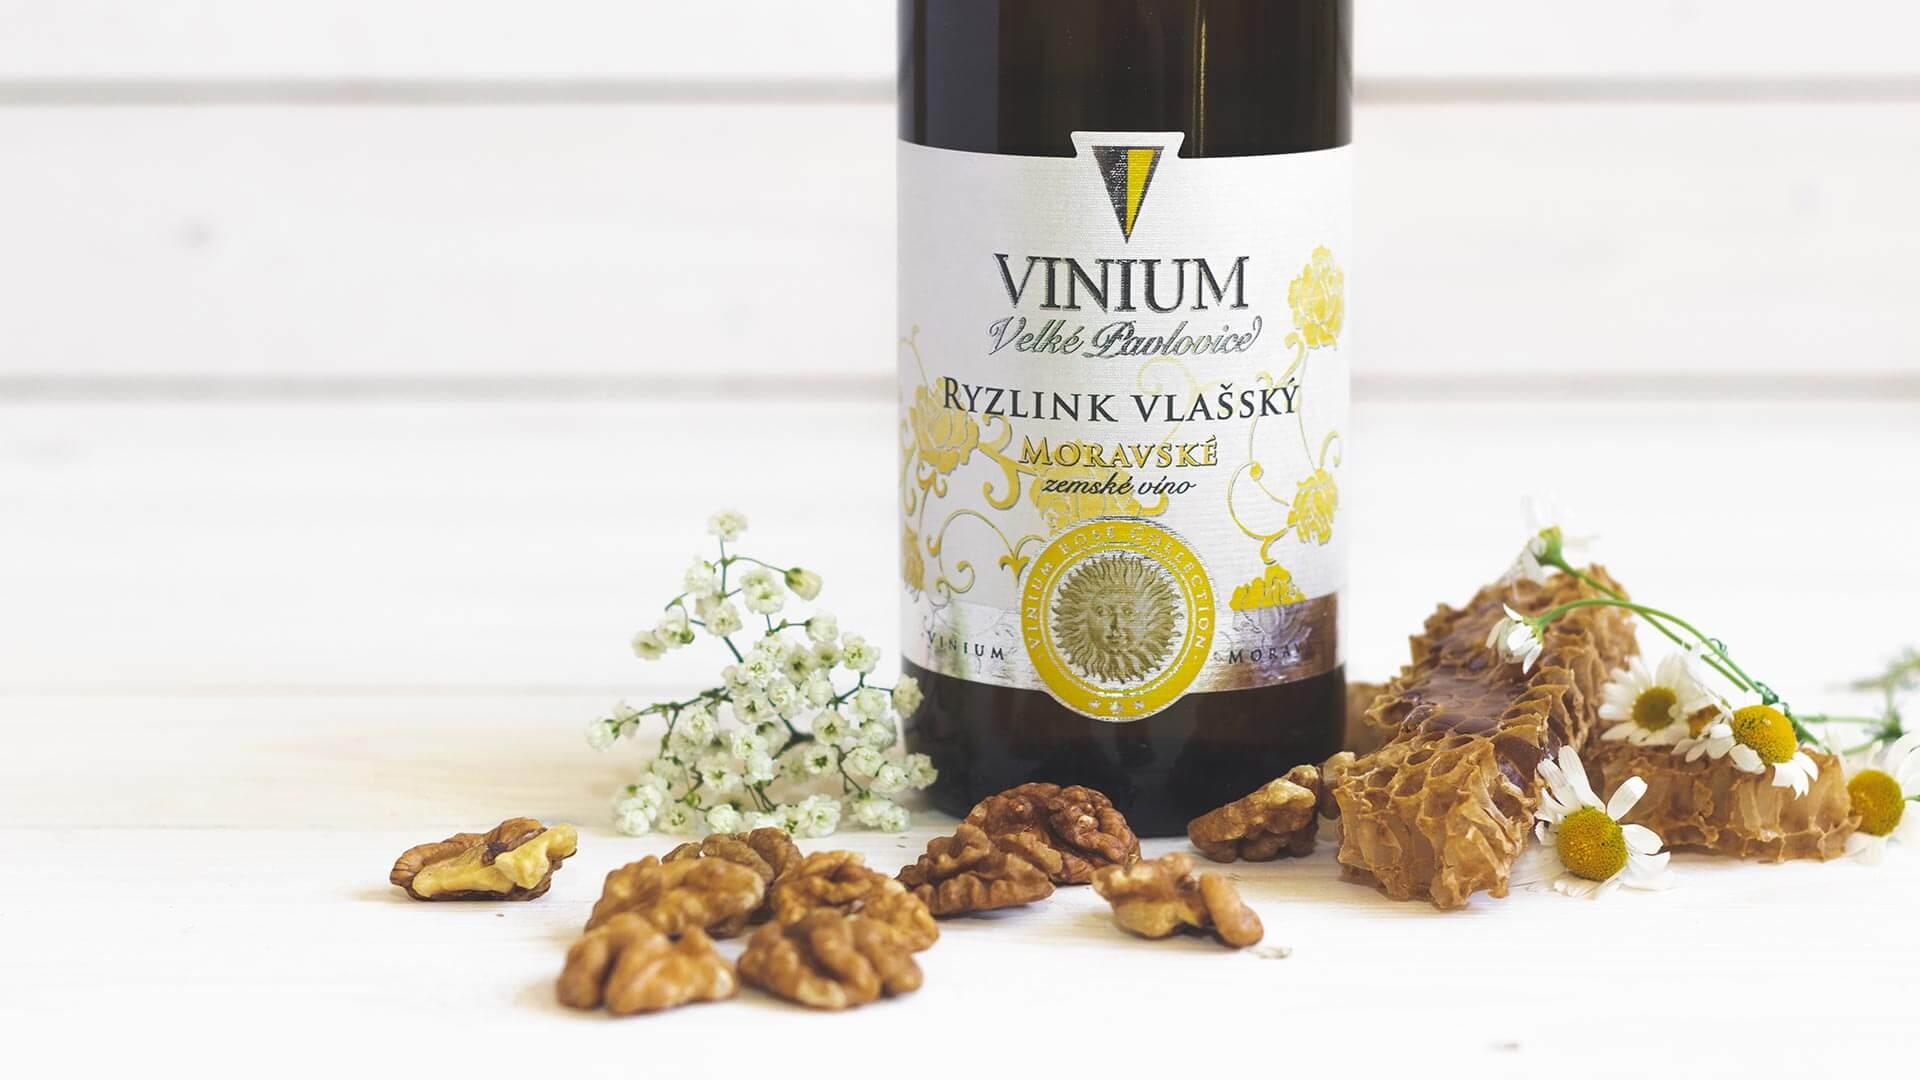 Ryzlink vlašský, zemské víno, Rose Collection – VINIUM Velké Pavlovice